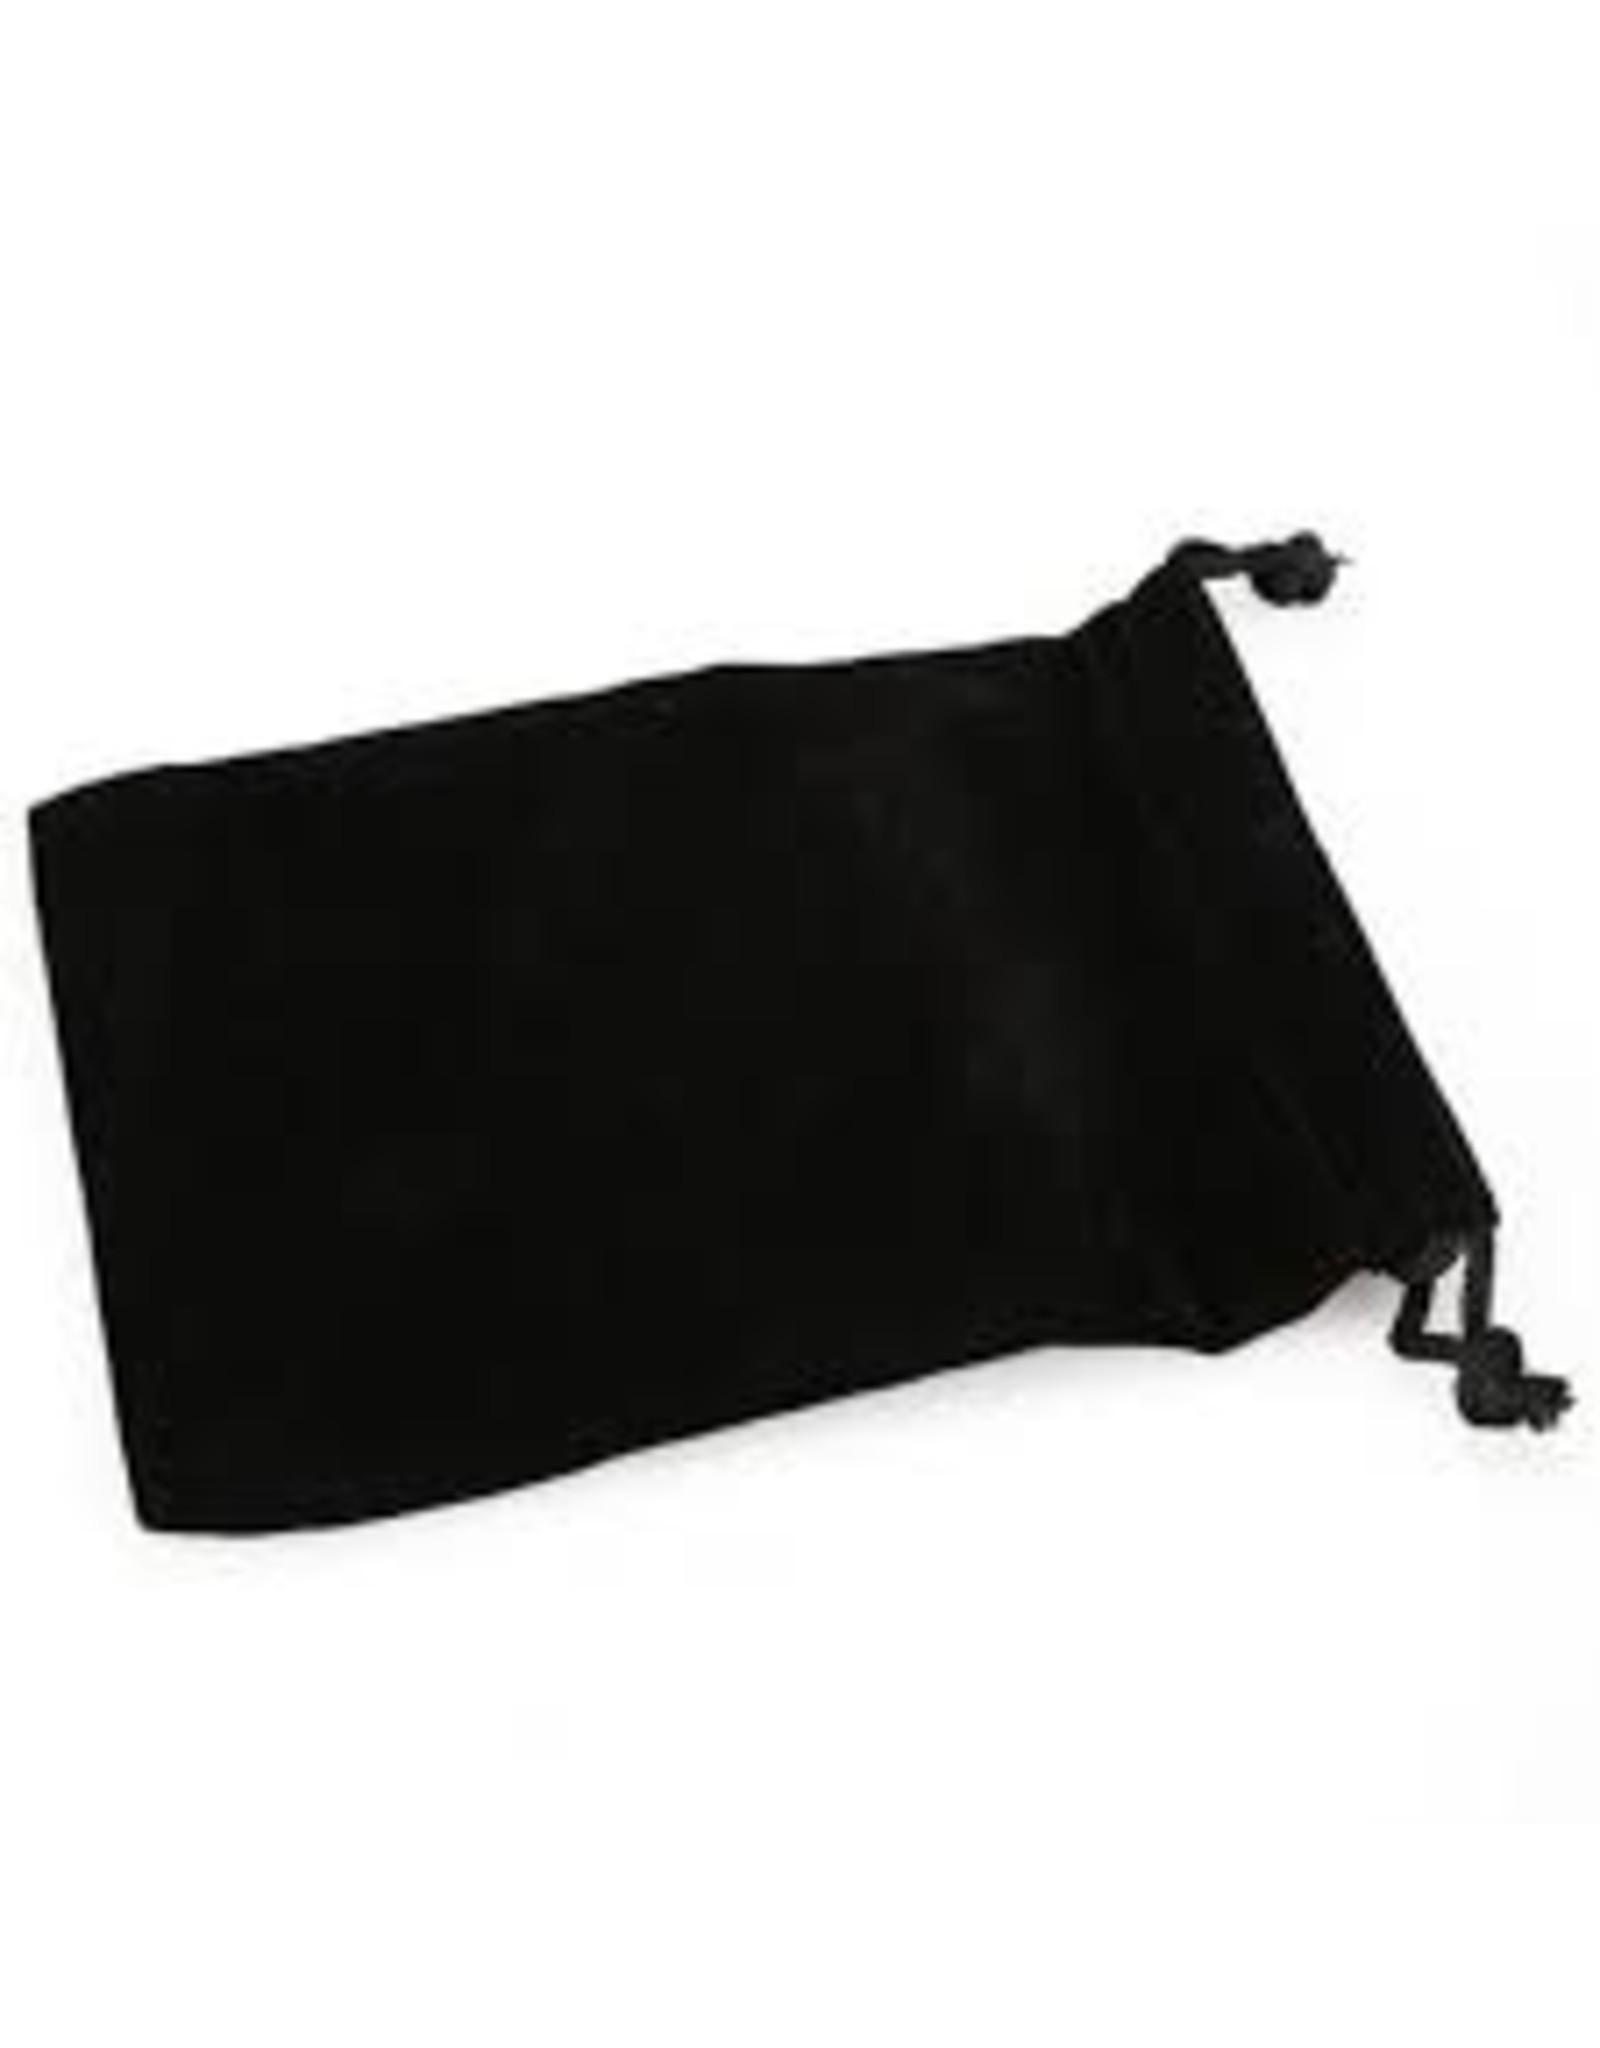 Chessex Suedecloth dice bag,lg black